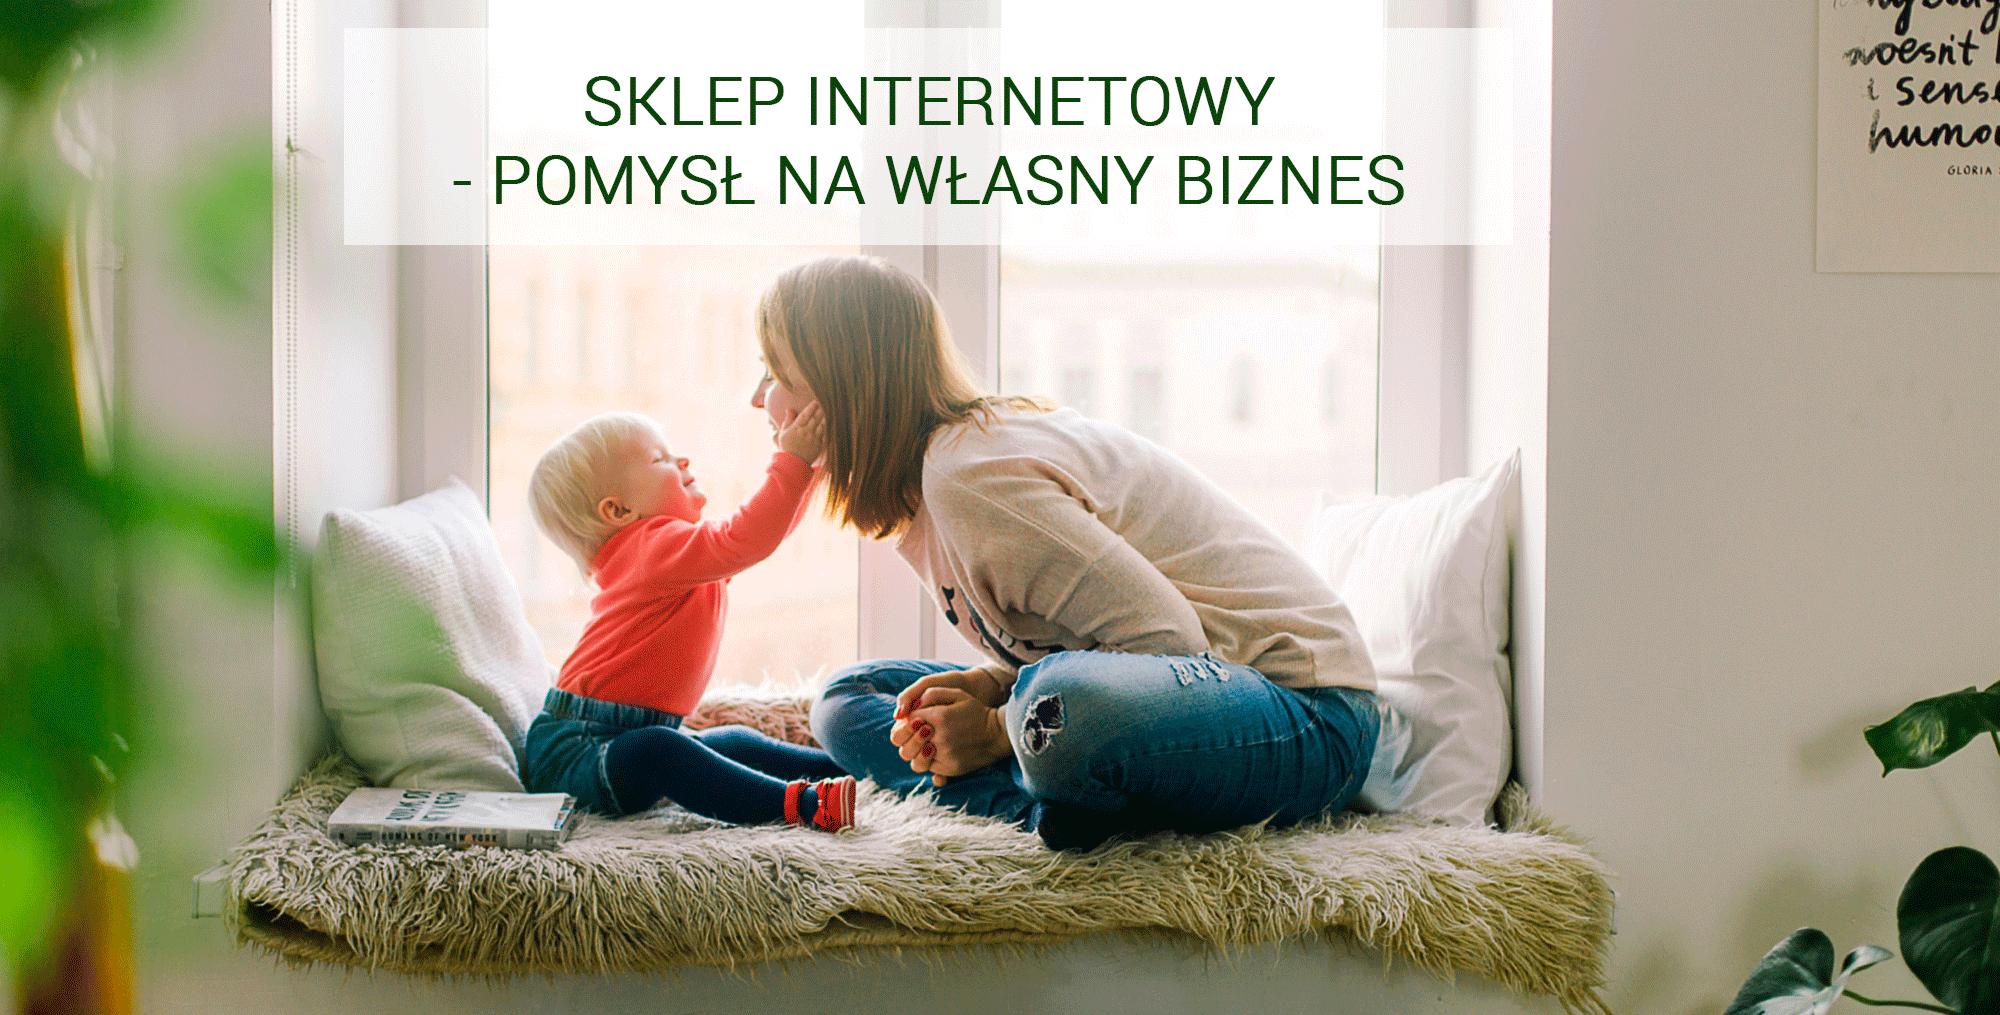 Sklep internetowy- pomysł na własny biznes. Sklep online dla młodych matek.